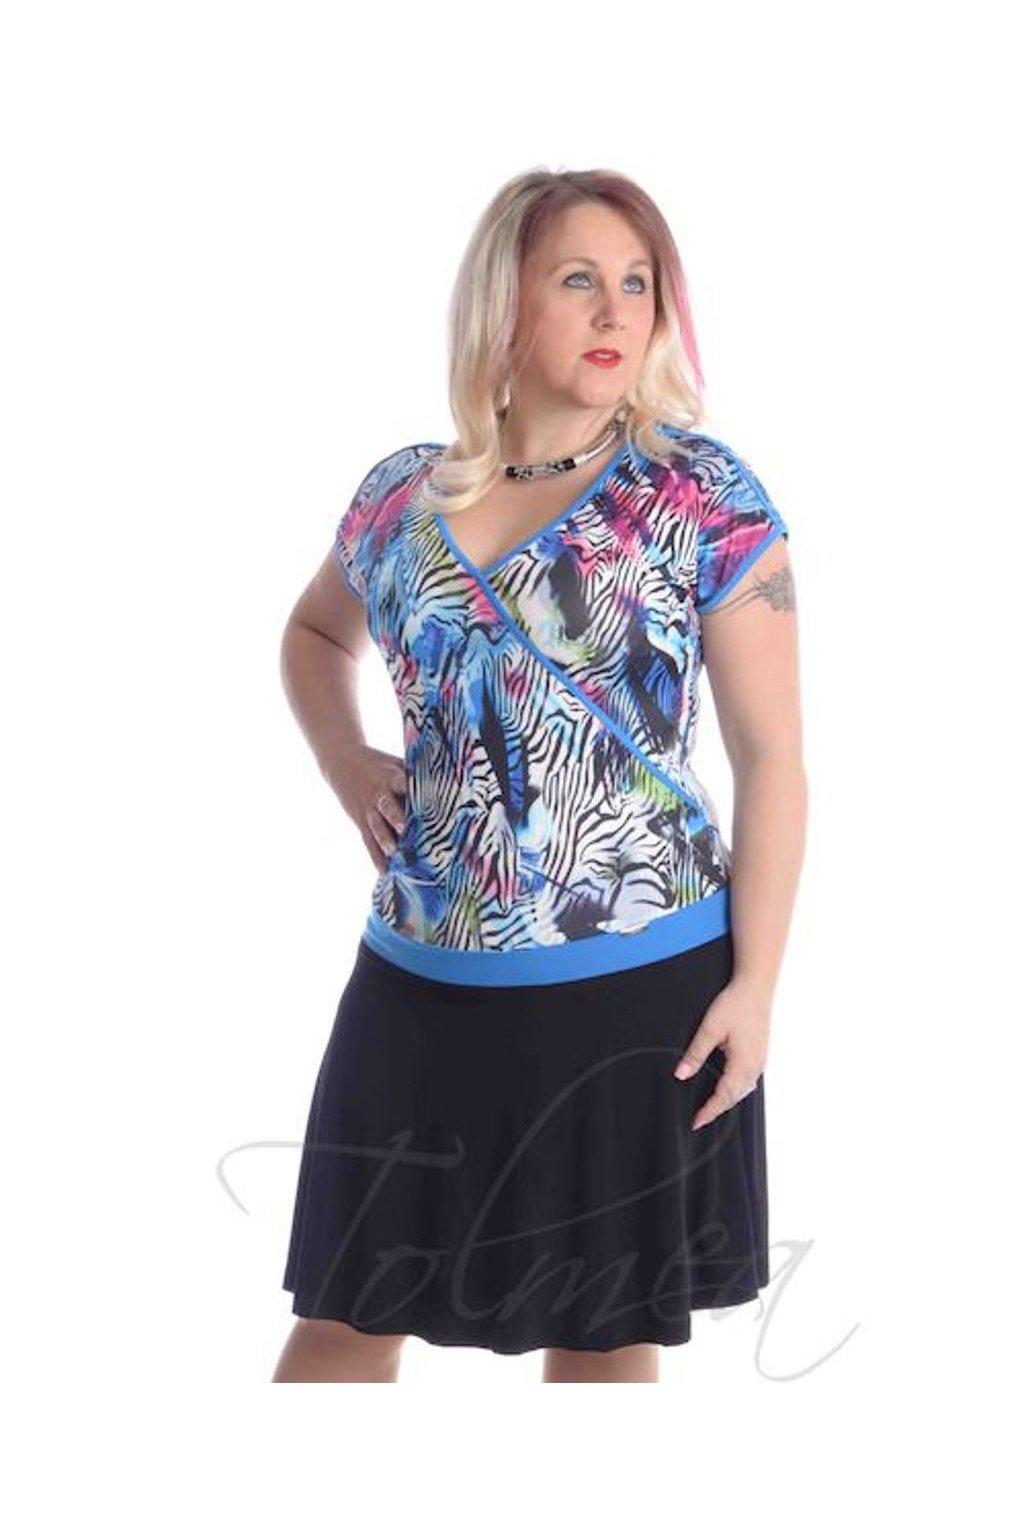 4919 Šaty kolová sukně (Velikost 36, Barva Vzorovaná)